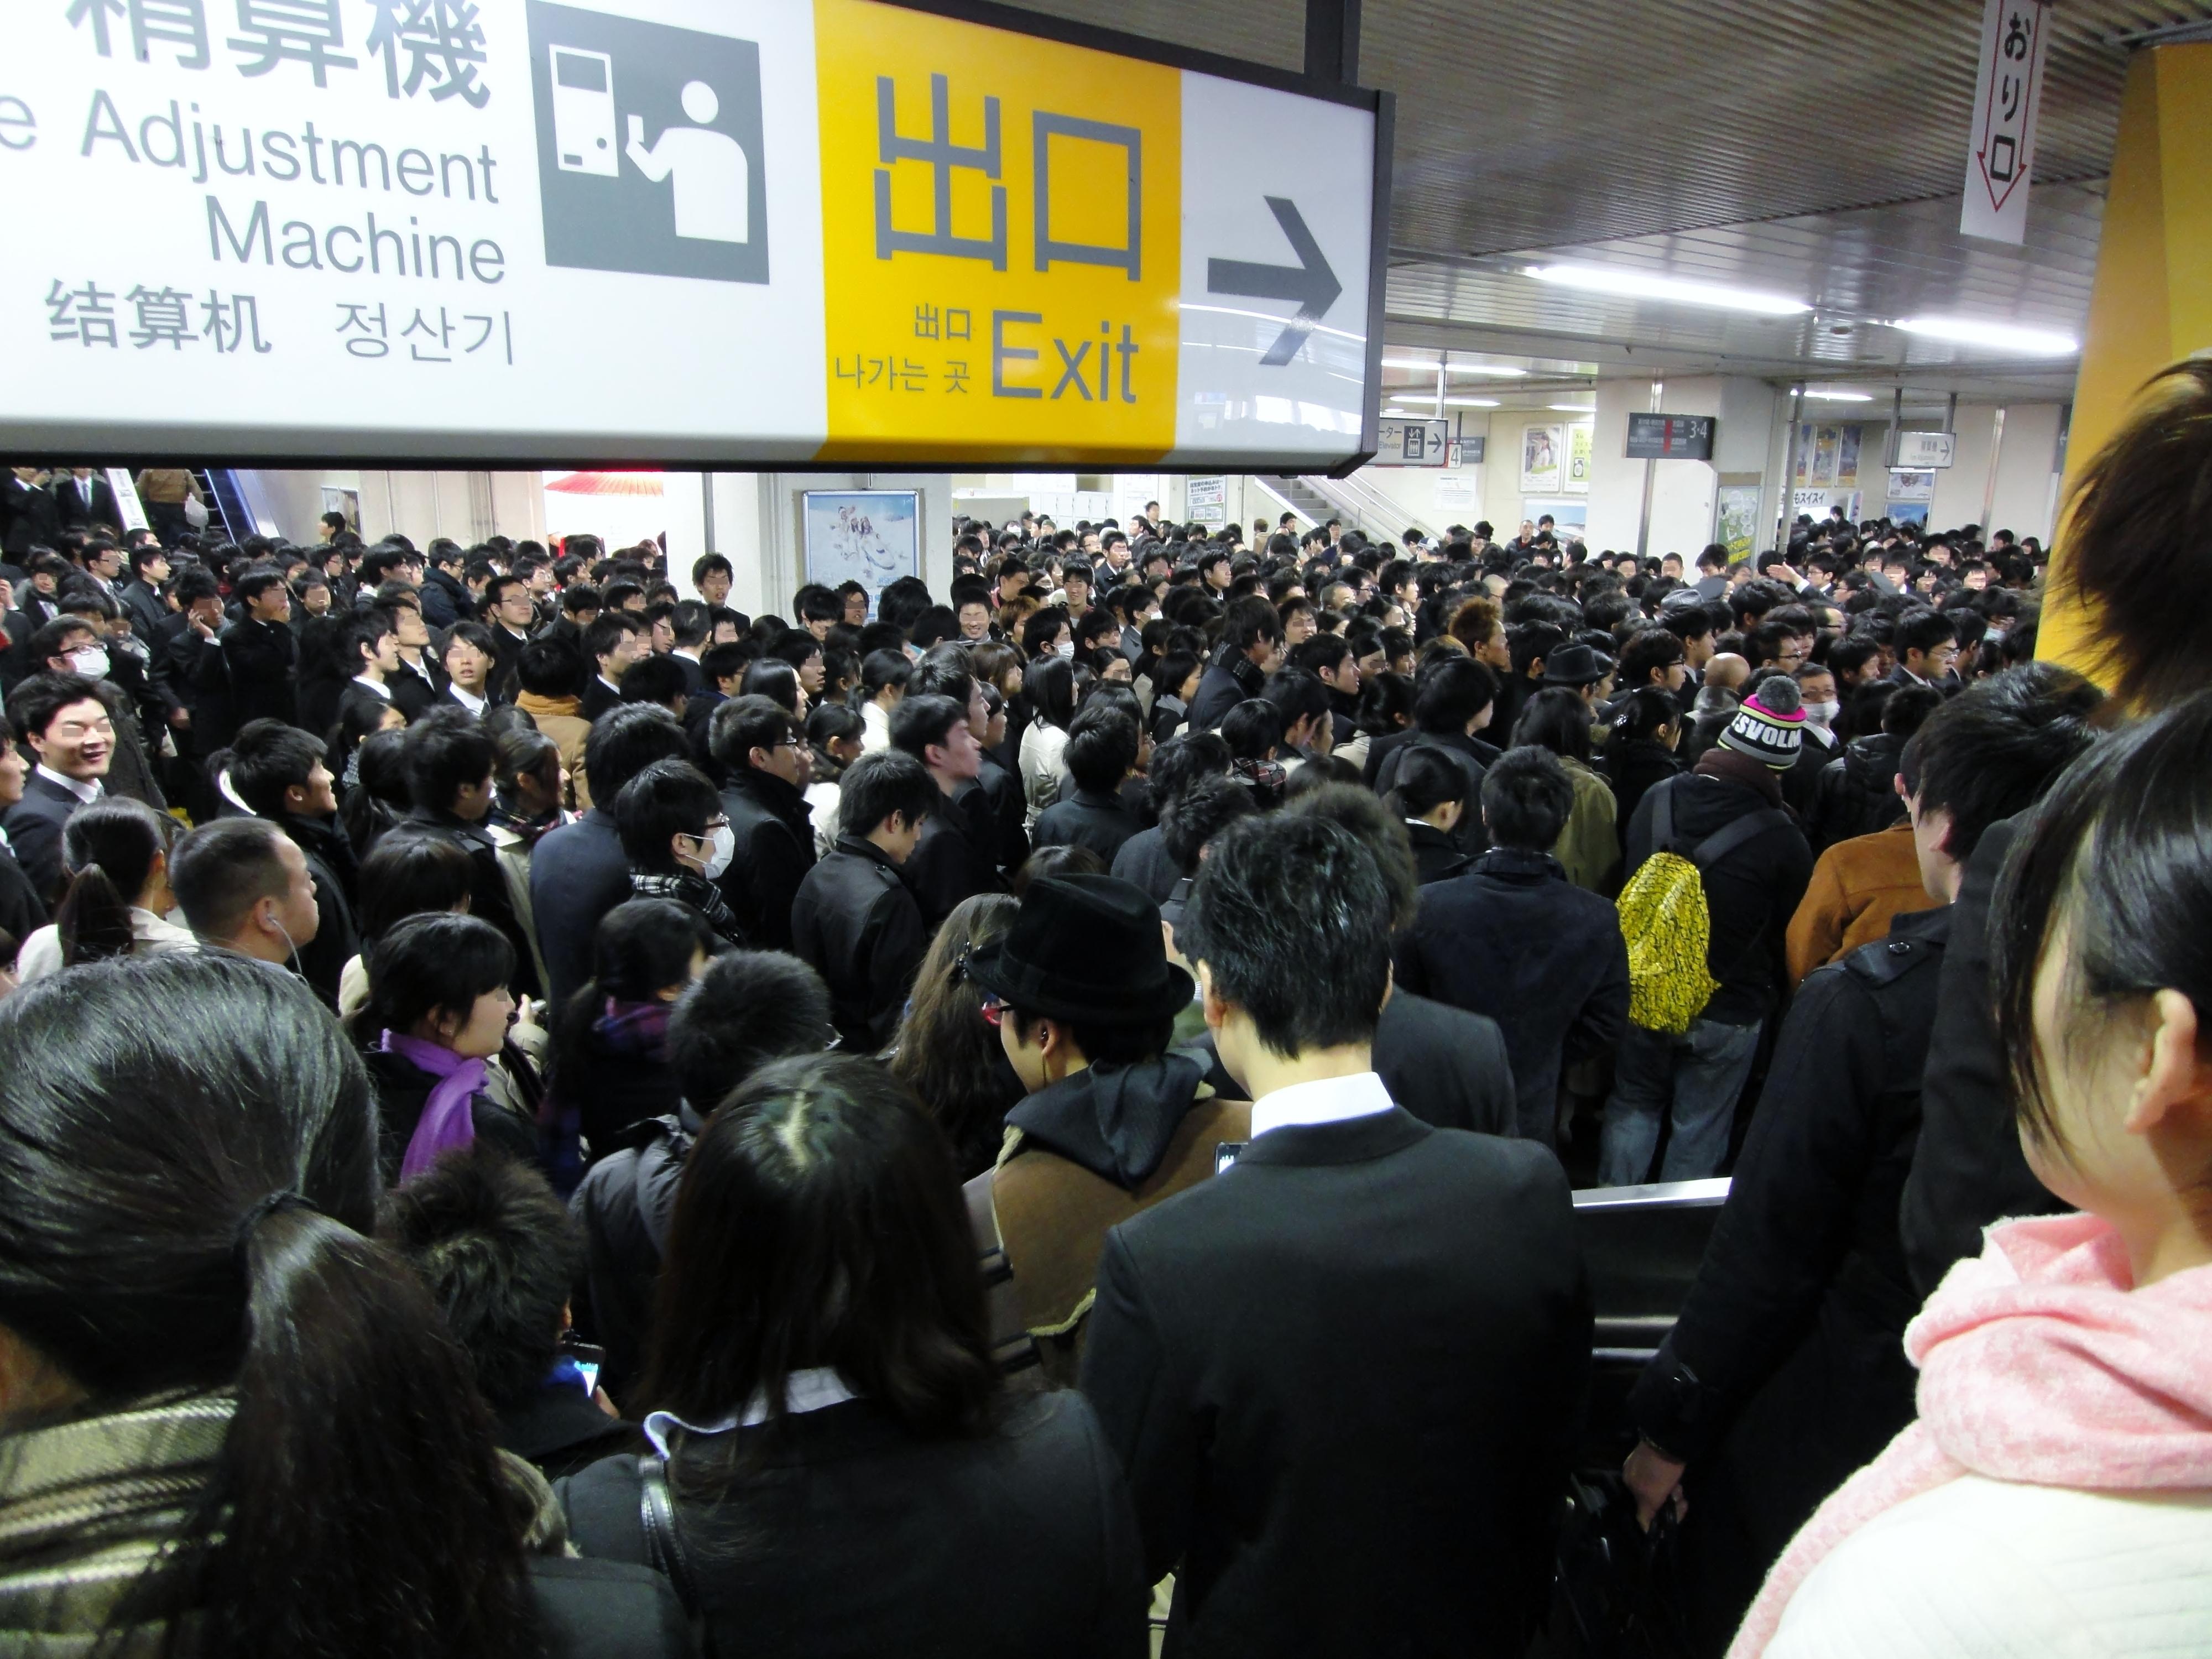 通勤ラッシュは定時で帰れる会社が世の中に意外とある証拠だ!